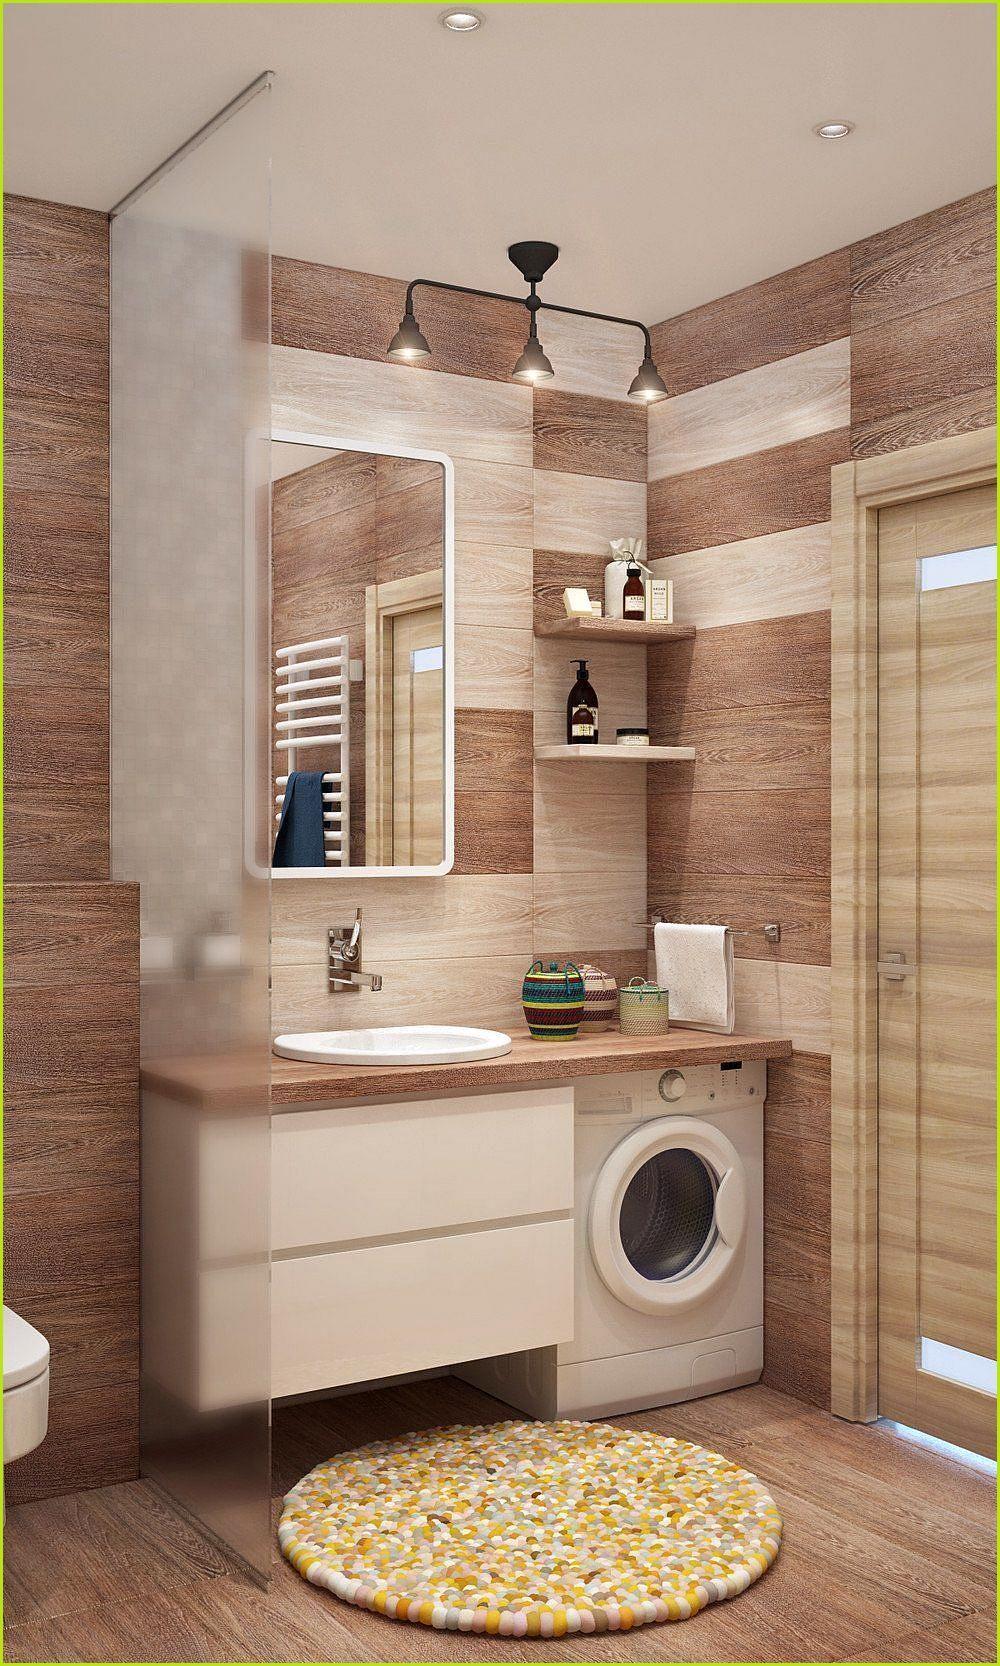 Jugendliches Modernes Haus Von 50 Quadratmetern 17 3d Plane File1421410022 Das Schonste Bild Fur K In 2020 Kleine Badezimmer Badezimmereinrichtung Badezimmer